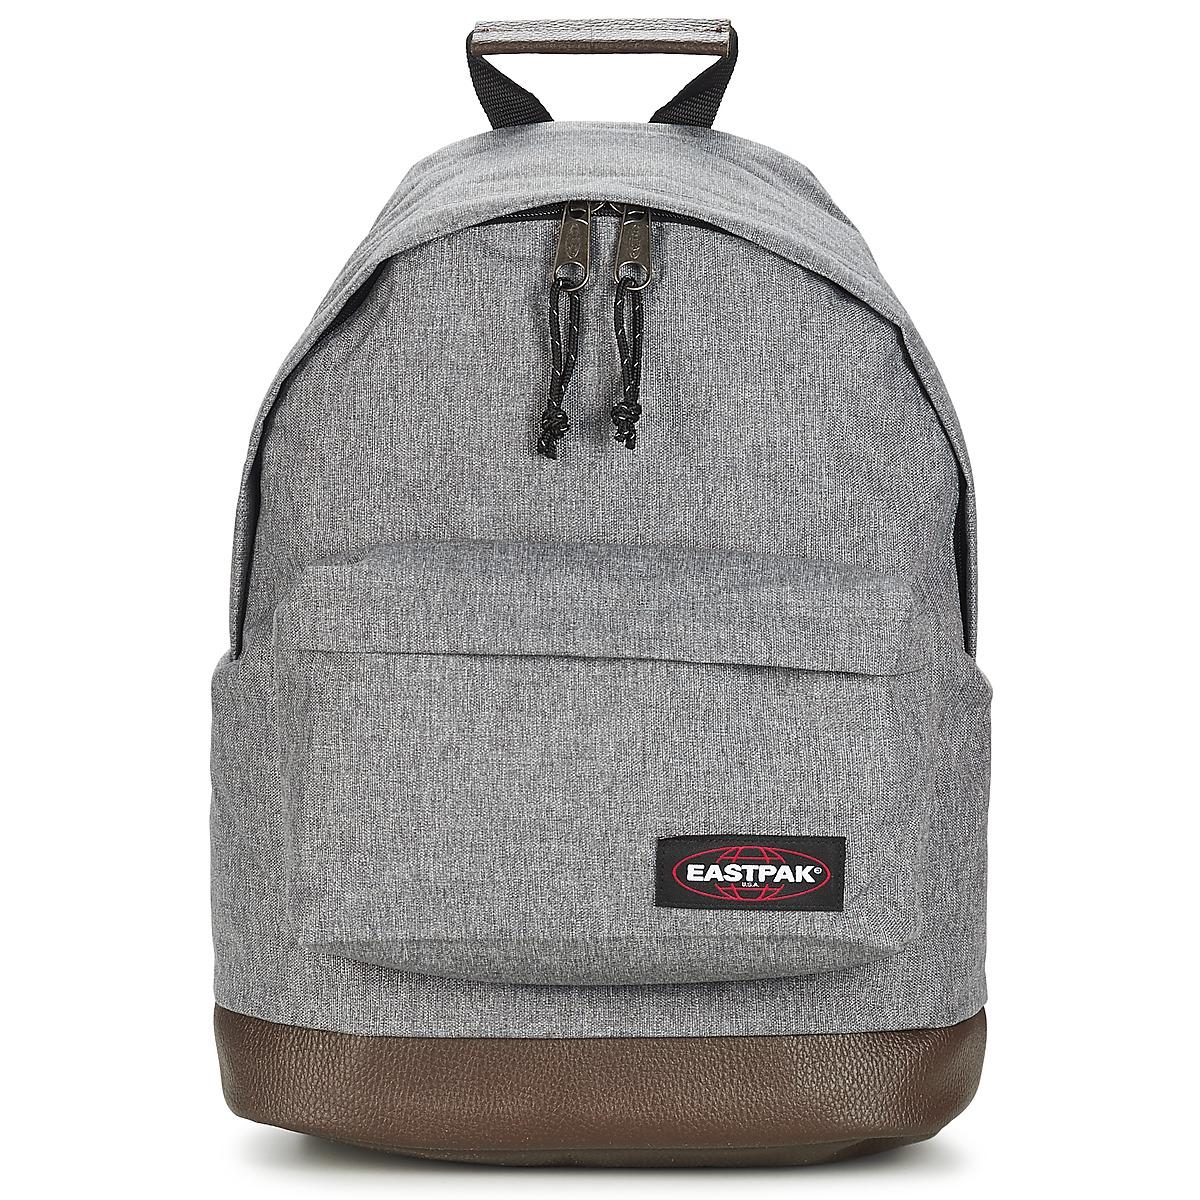 Eastpak sac à dos Provider Black ColliShop